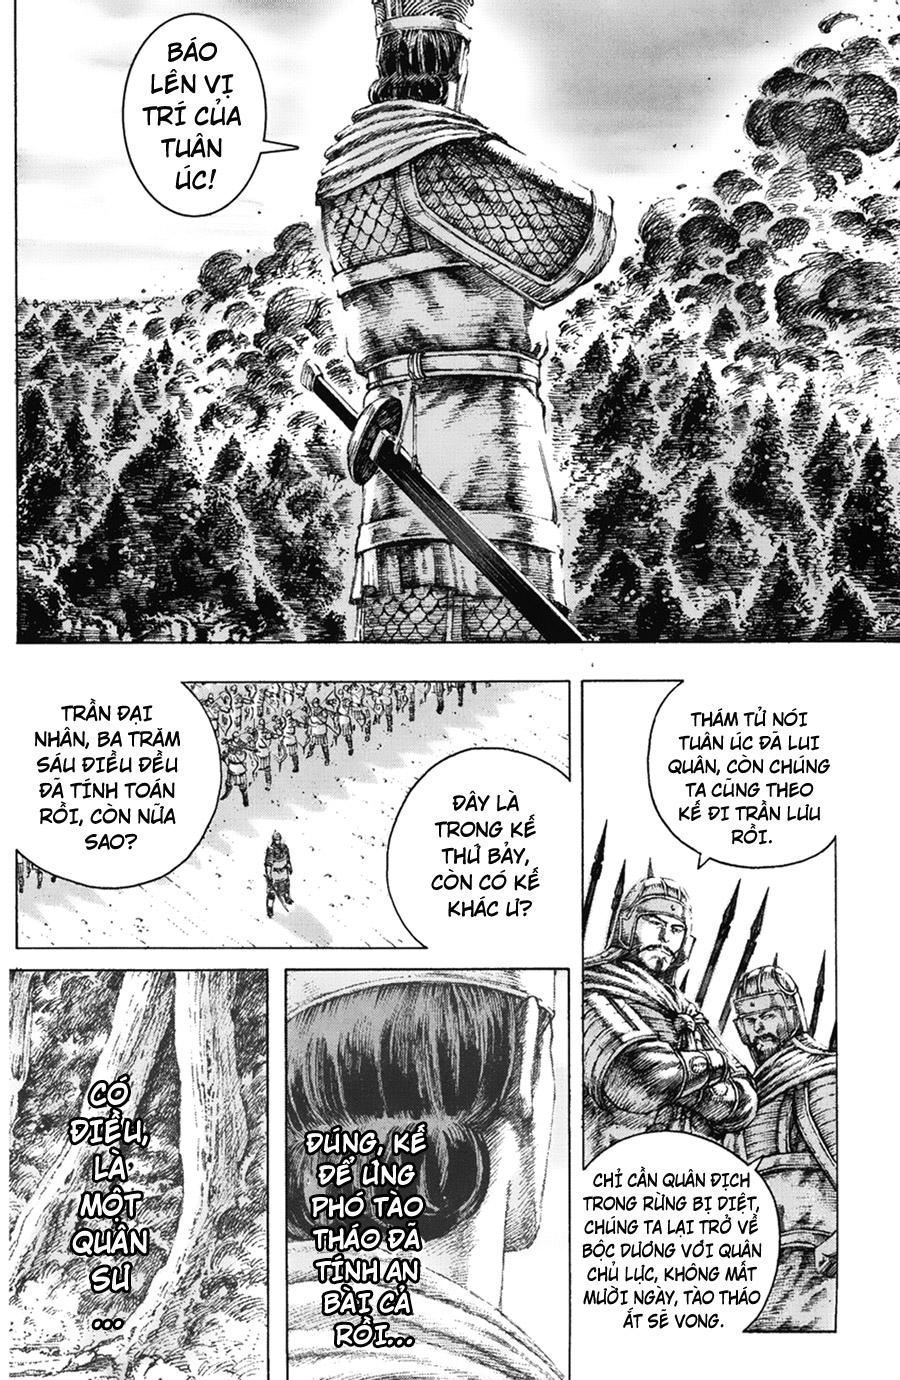 Hỏa Phụng Liêu Nguyên tập 117 - 23